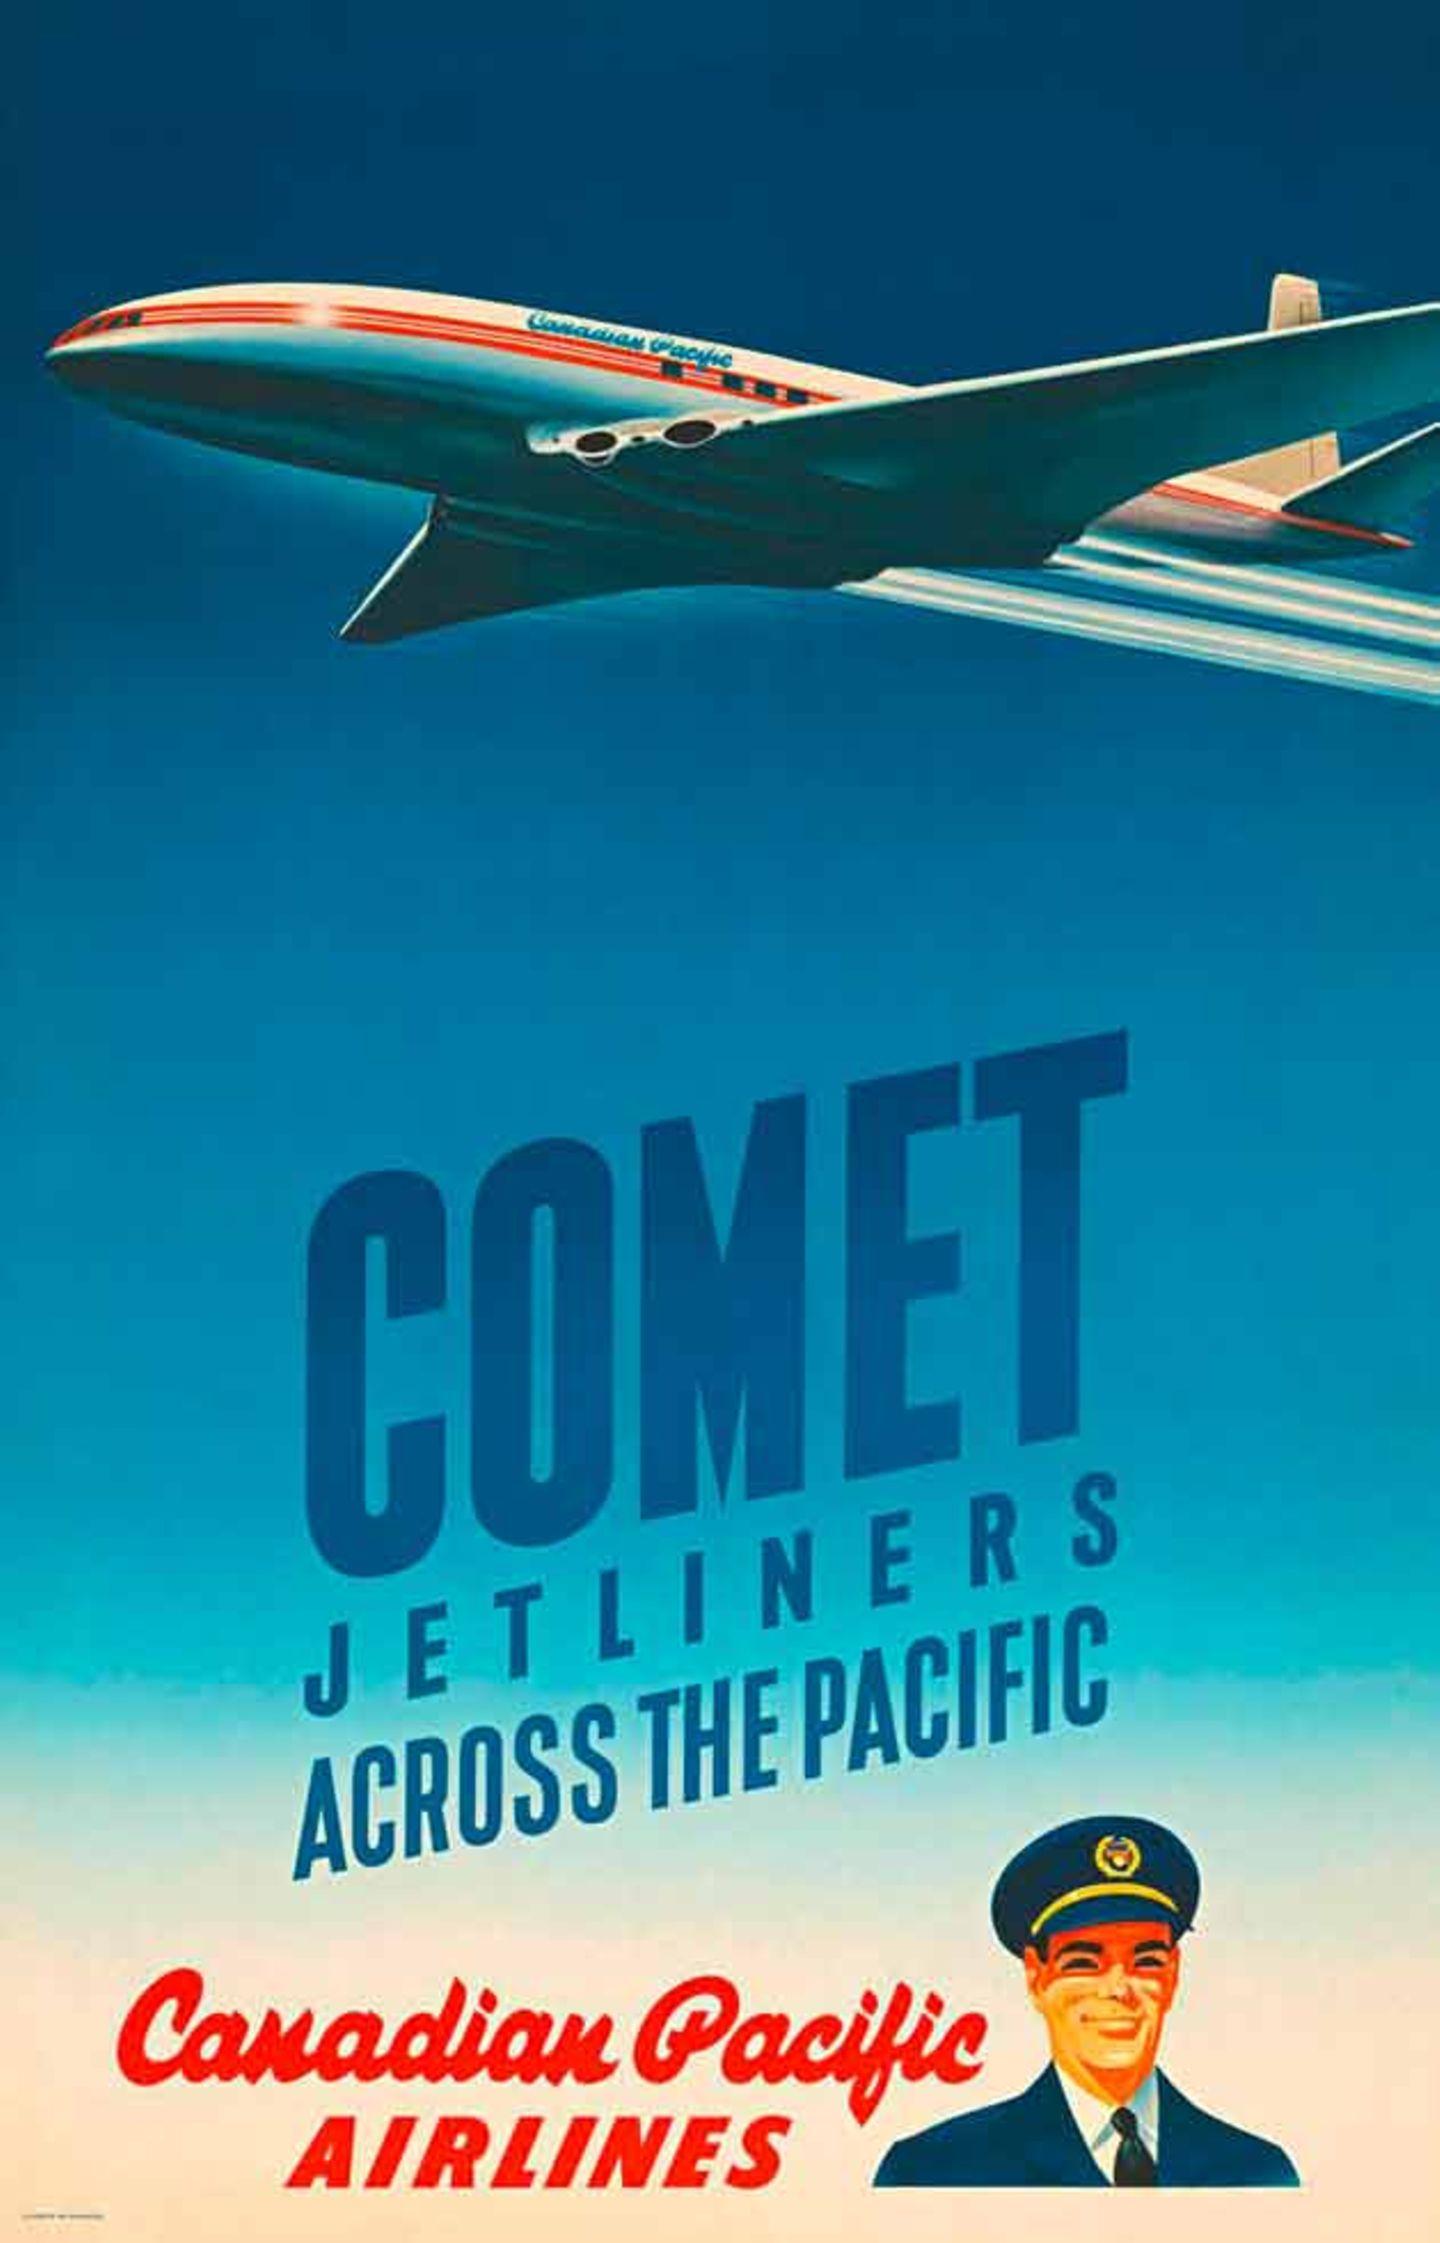 Eine Comet, das erste in Serie gebaute Düsenverkehrsflugzeug der Welt der britischen de Havilland Aircraft Company, zieht Kondensstreifen am Himmel. Peter Ewart entwarf das Plakat 1952 für Canadian Pacific. Das Unternehmen ging 1987 in die Fluggesellschaft Canadian Airlines International auf, die wiederum 2001 in Air Canada integriert wurde.